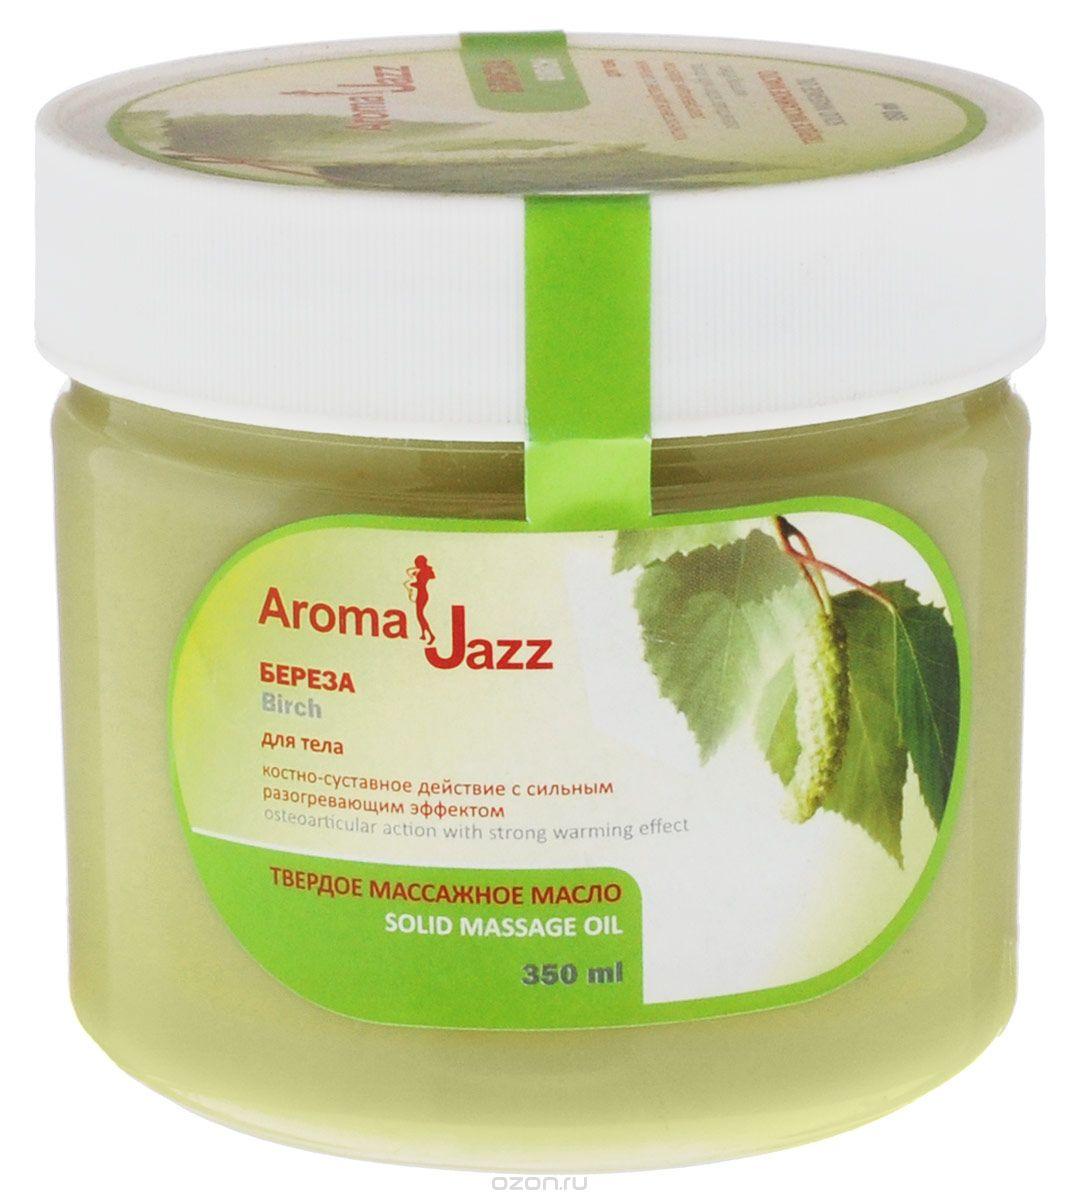 Aroma Jazz Твердое масло восстанавливающее Береза, 300 млFS-00897Действие: помогает при вывихах и ушибах. Масло оказывает очень мягкое, но глубокое действие, хорошо очищает кожу, выводит шлаки из организма. Насыщает кожу влагой, кислородом и нормализует обменные процессы. Усиливает циркуляцию крови, благодаря чему проявляется согревающий эффект. Противопоказания: индивидуальная непереносимость компонентов продукта. Срок хранения: 24 месяца. После вскрытия упаковки использовать в течении 6 месяцев.